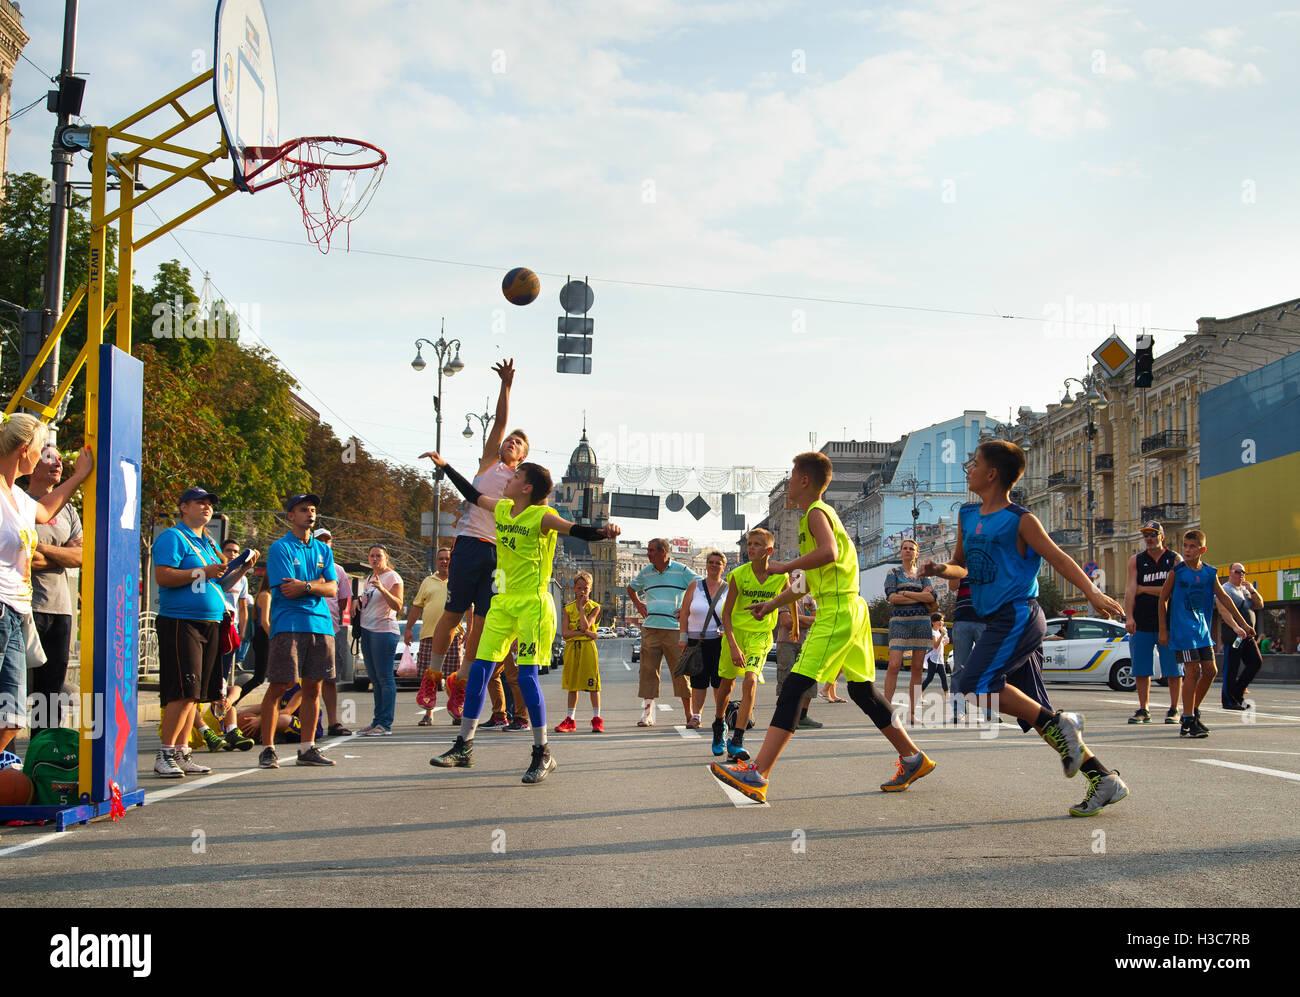 Adolescentes jugando baloncesto durante el streetball ucraniano 3x3 campeonato. Imagen De Stock